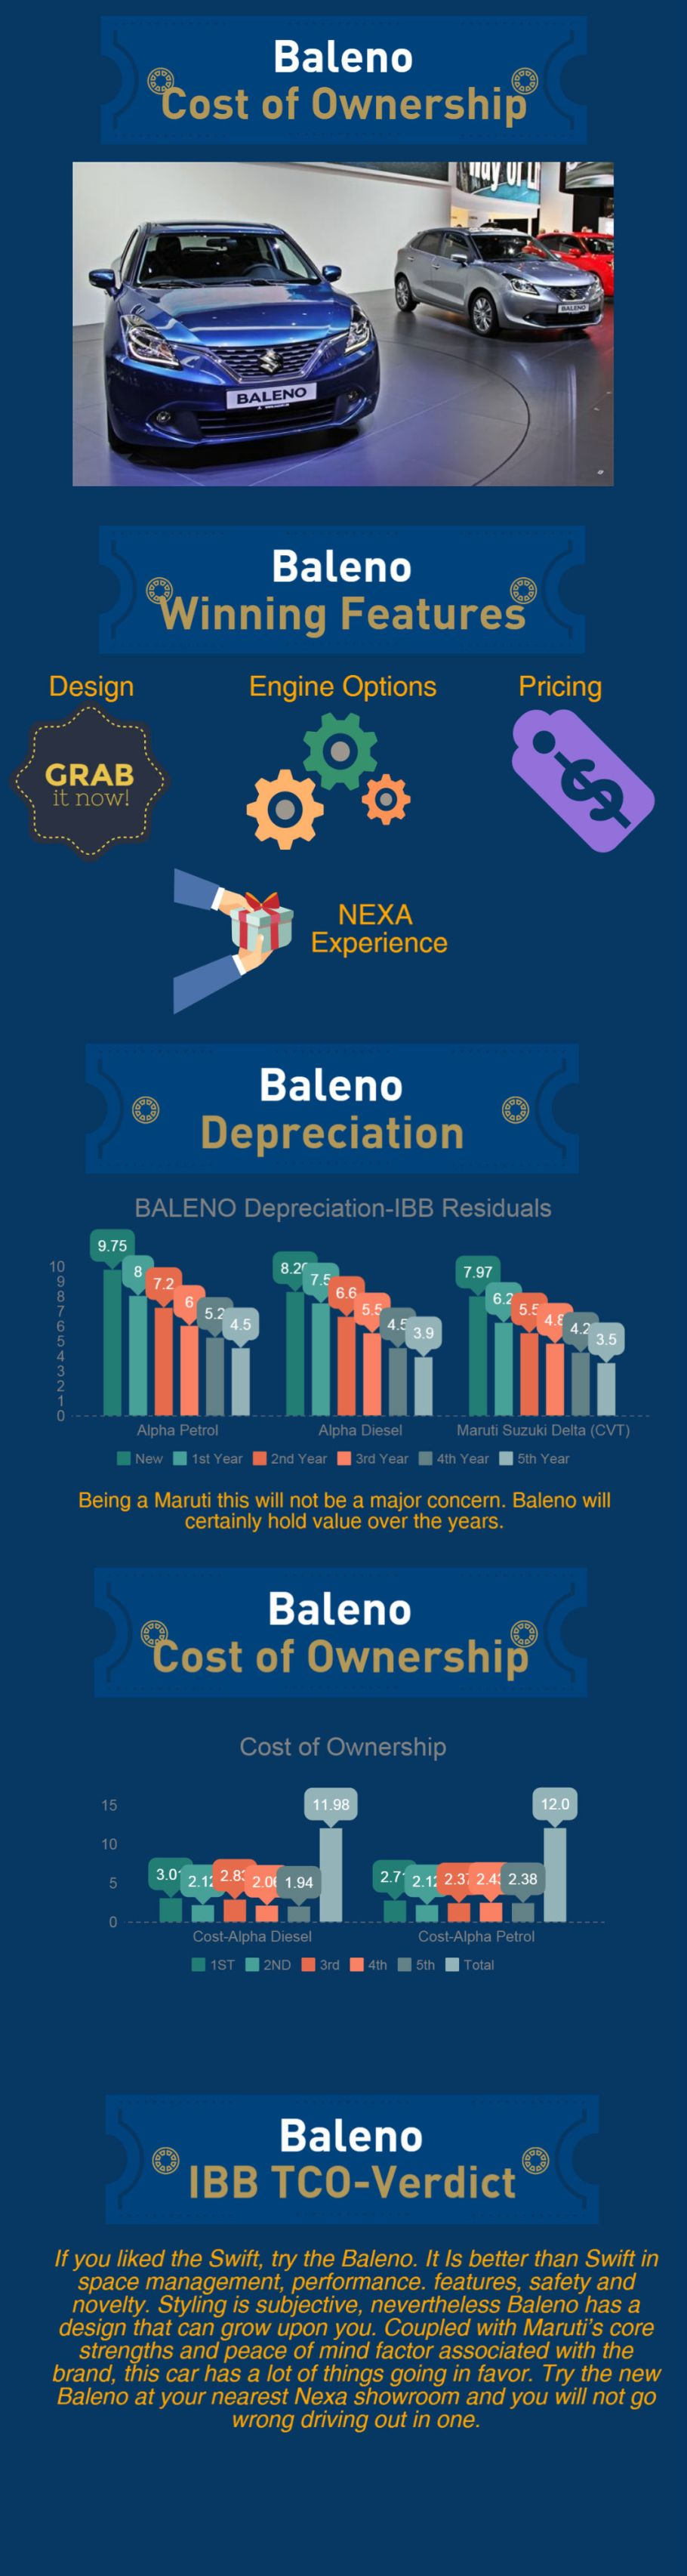 Maruti Suzuki Baleno Infographic